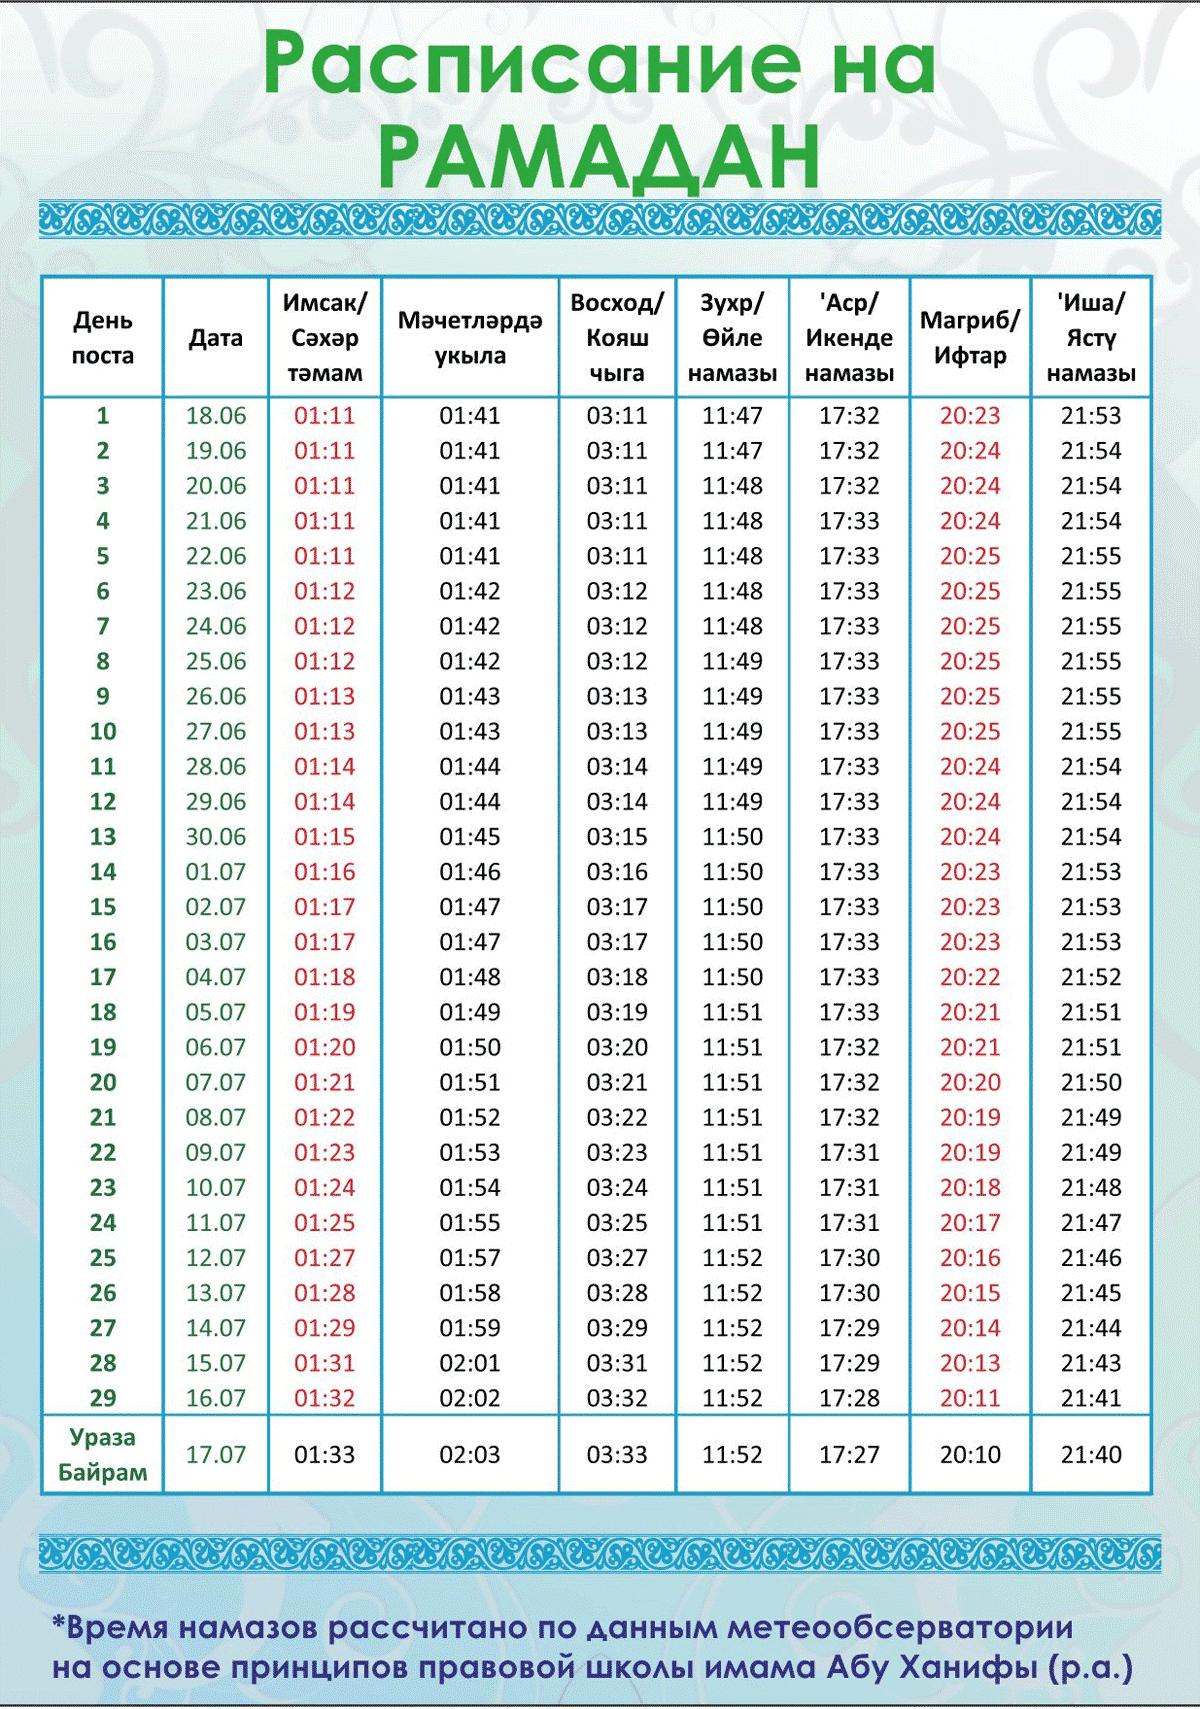 Расписание на Рамадан 2015